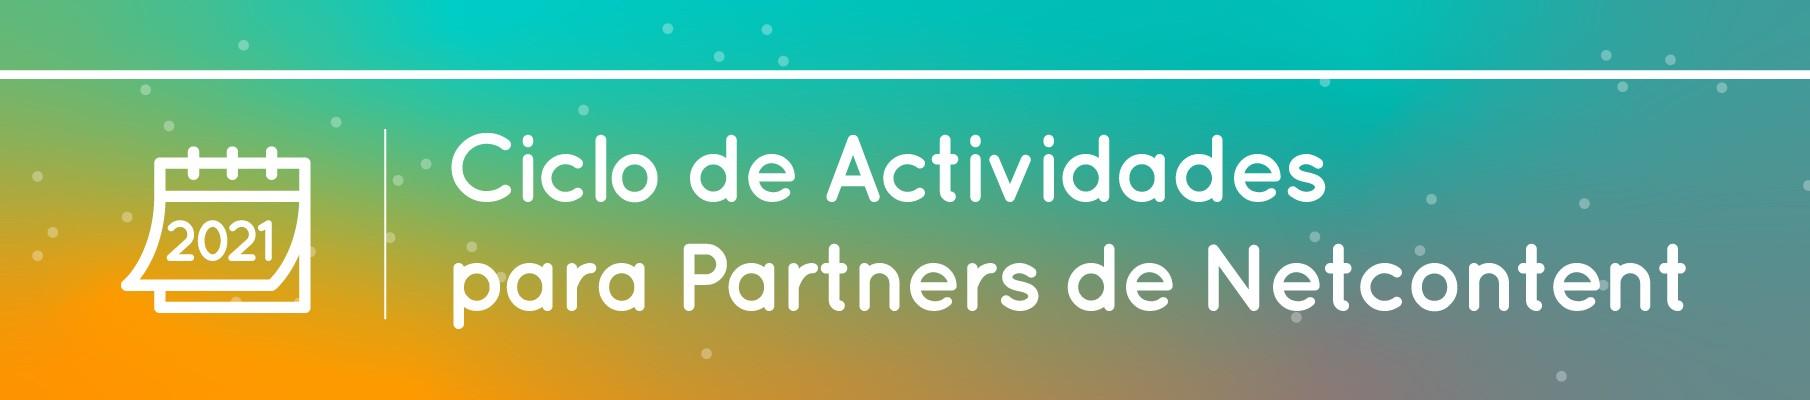 Ciclo de Actividades para Partners